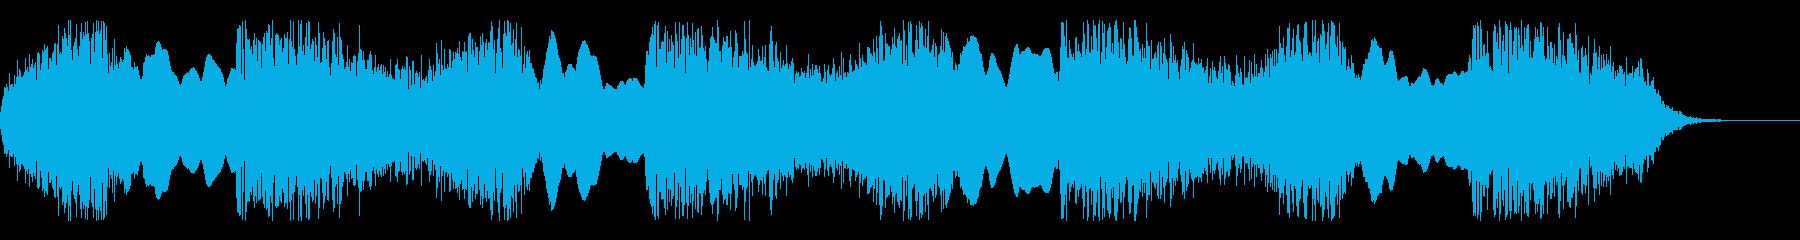 パトカー サイレン音の再生済みの波形